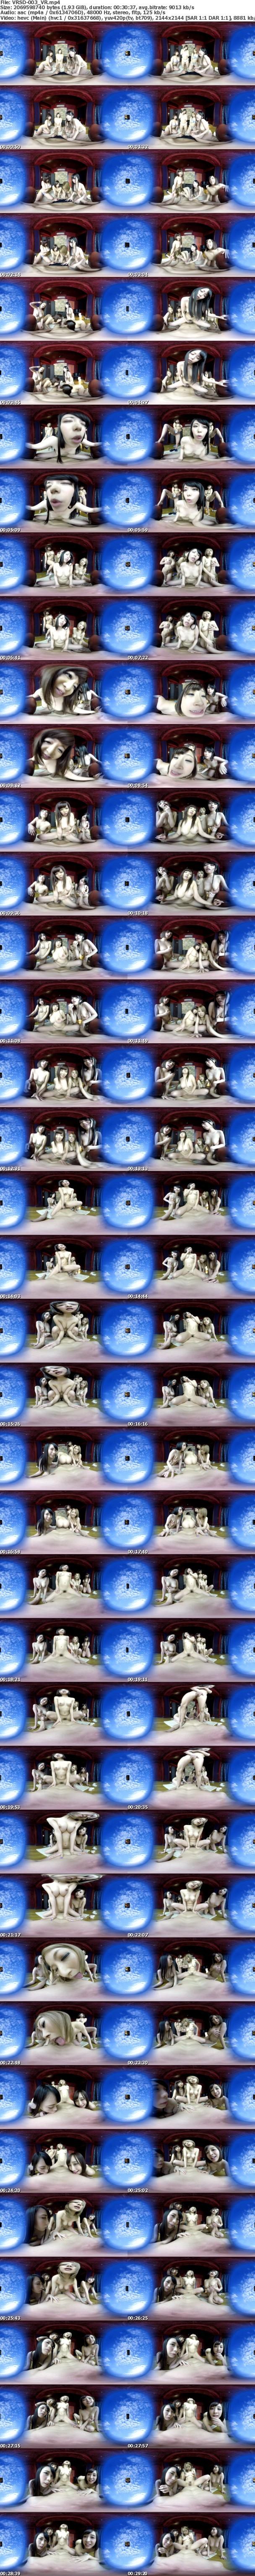 VR/3D VRSD-003 【VR】男のロマン!夢のハーレム乱交!!4人の美女と交わるSEX!! きみと歩実 北川エリカ KAORI 川菜美鈴